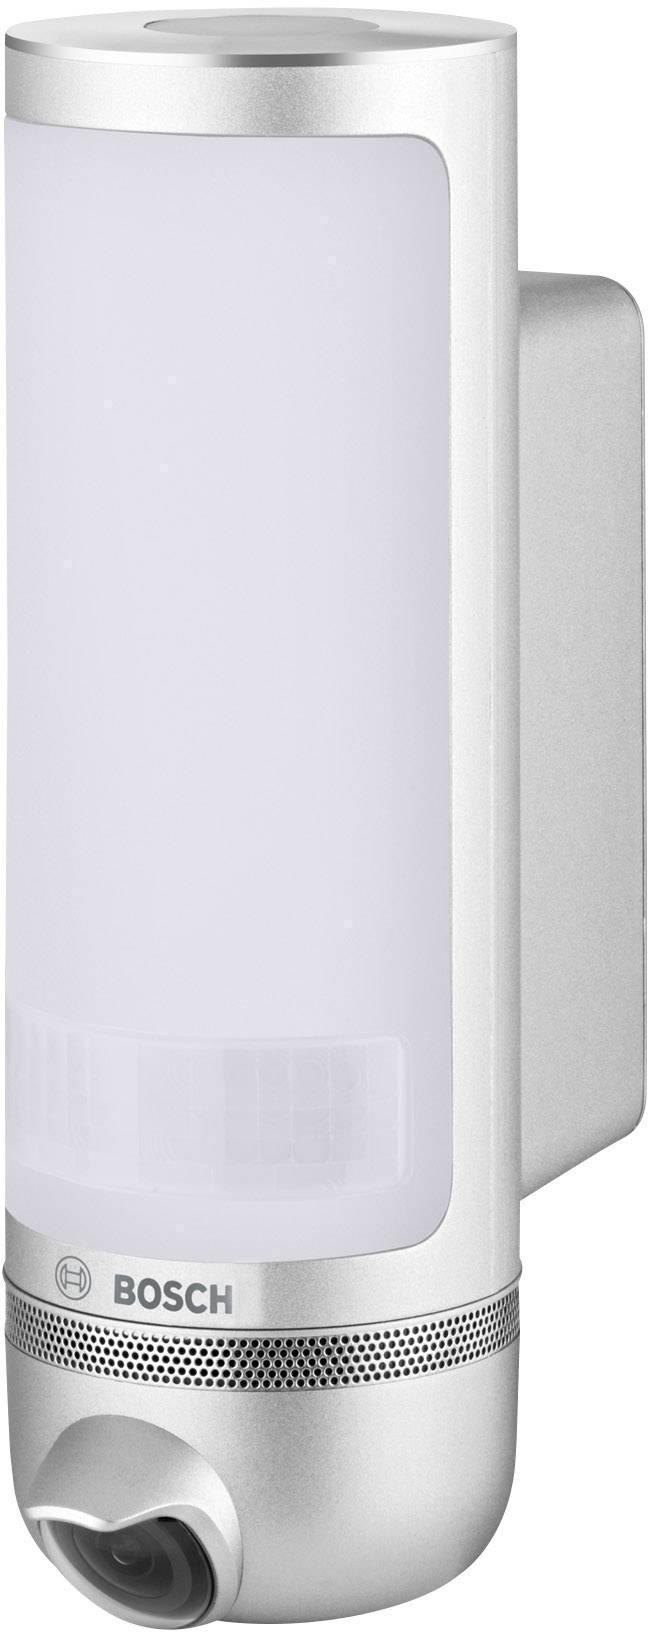 Vonkajšia bezpečnostná kamera Bosch Smart Home Eyes F01U314889, s Wi-Fi, N/A